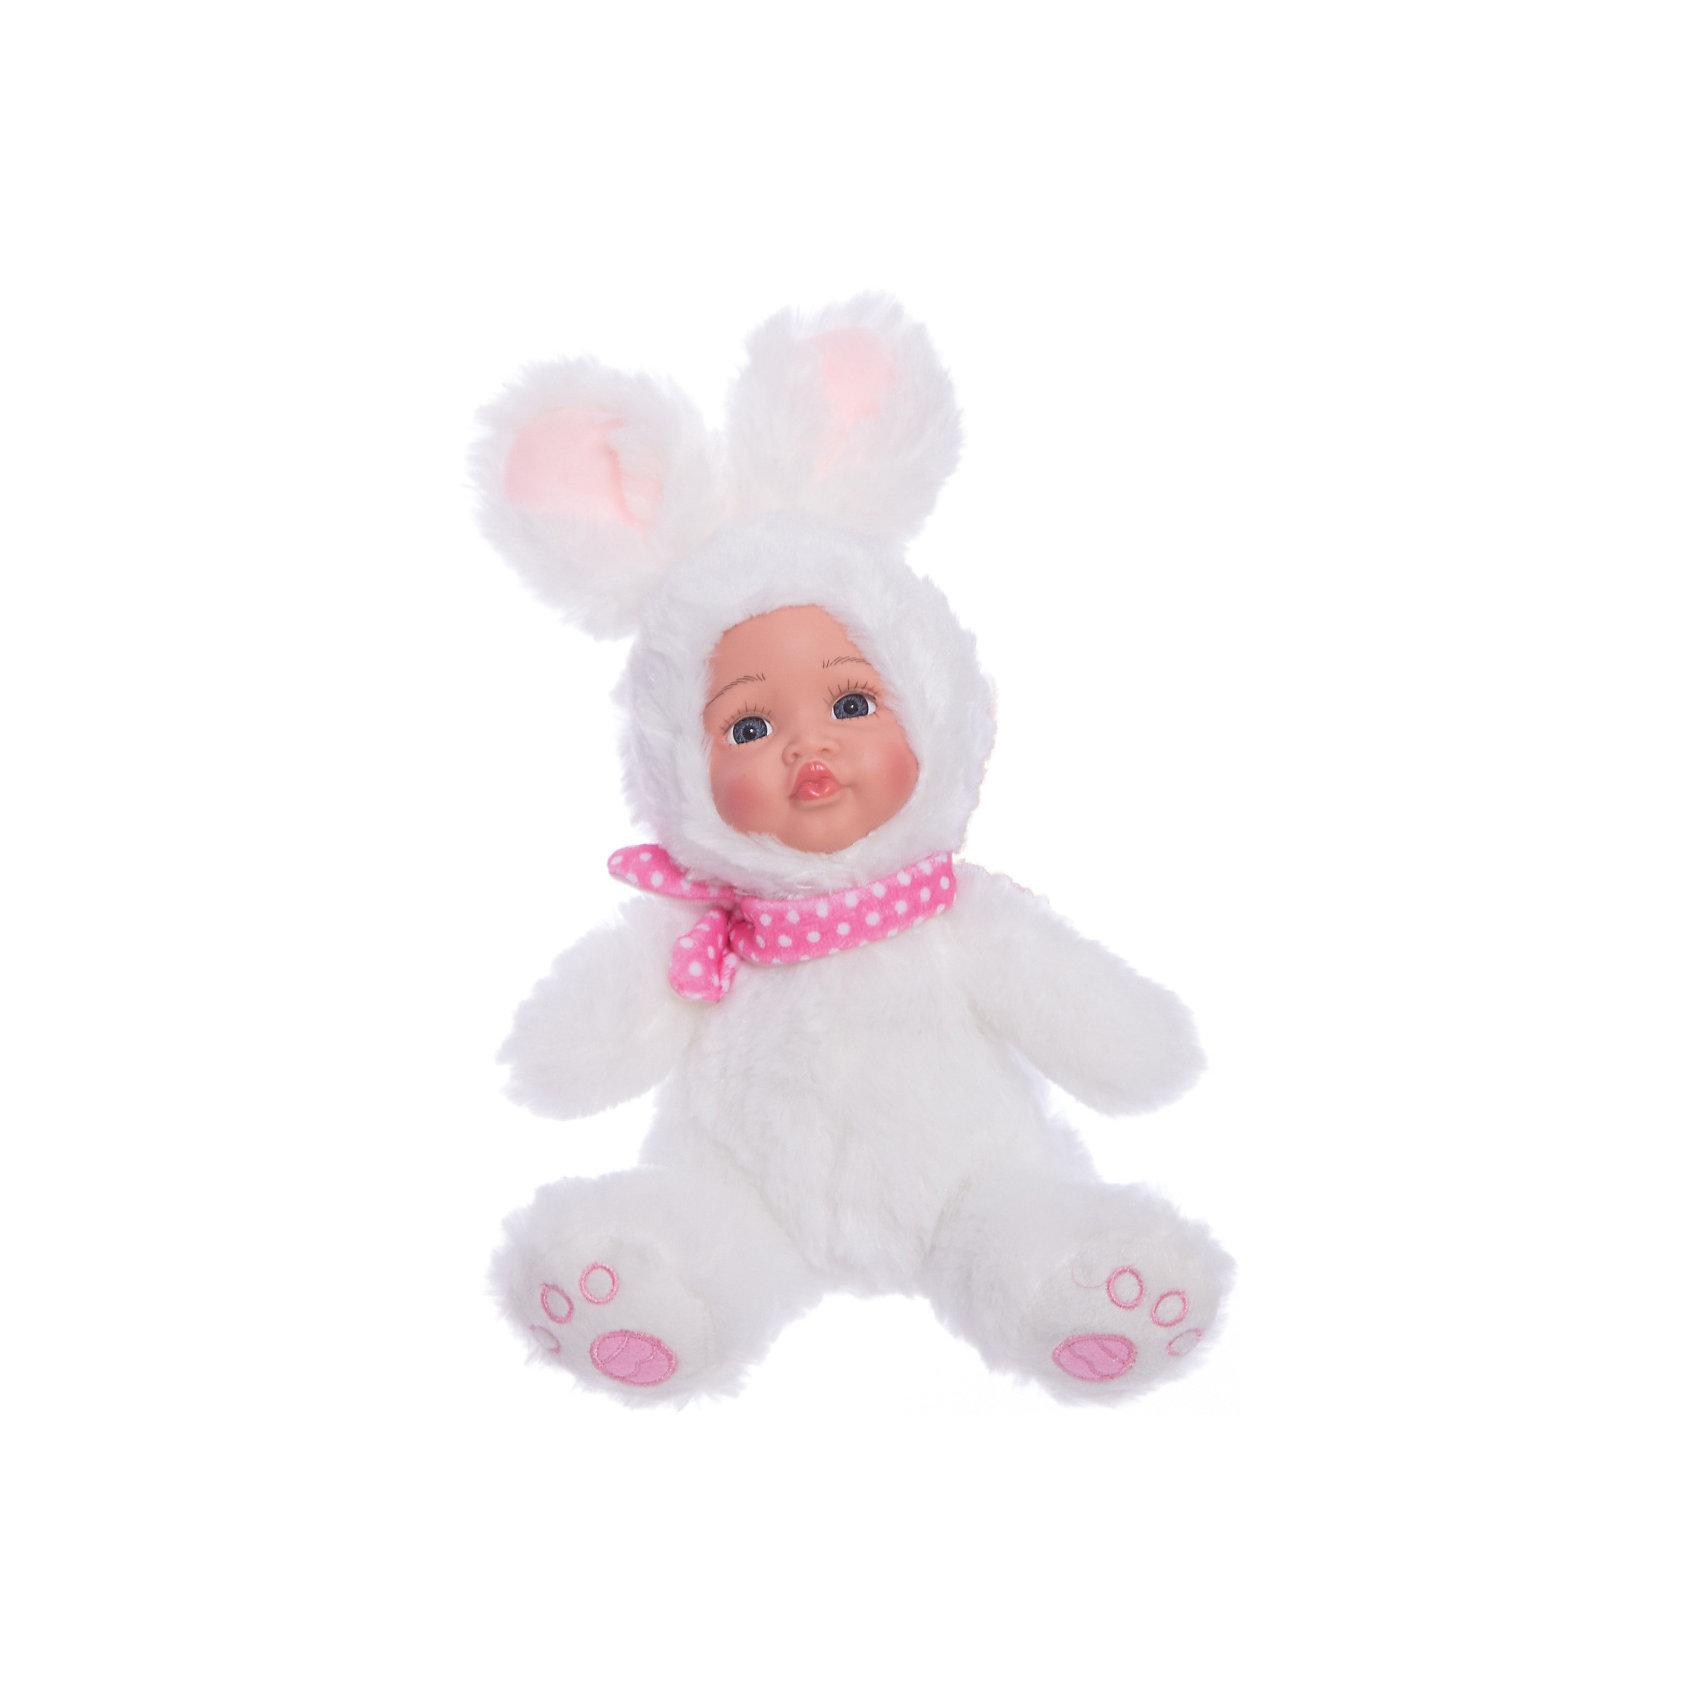 Игрушка Мой зайка, Fluffy FamilyМягкие куклы<br>Такая игрушка - милая вариация стандартной куклы–младенца. Малыш выполнен из пластика и тщательно прорисованным личиком. Одета кукла в костюм совенка. Ткань приятна на ощупь и малышу понравится играть с куклой. Игрушка подходит для одиночной игры малыша и для игр в компании. Не содержит мелких деталей. Кукла из коллекционной серии. Соберите весь набор! Материалы, использованные при изготовлении товара, абсолютно безопасны и отвечают всем международным требованиям по качеству.<br><br>Дополнительные характеристики:<br><br>материал: ПВХ, искусственный мех, пластик;<br>габариты: 20 X 9 X 30 см;<br>наполнитель: полиэтиленовые гранулы.<br><br>Игрушку Мой зайка от компании Fluffy Family можно приобрести в нашем магазине.<br><br>Ширина мм: 570<br>Глубина мм: 580<br>Высота мм: 450<br>Вес г: 145<br>Возраст от месяцев: 36<br>Возраст до месяцев: 96<br>Пол: Унисекс<br>Возраст: Детский<br>SKU: 5032464